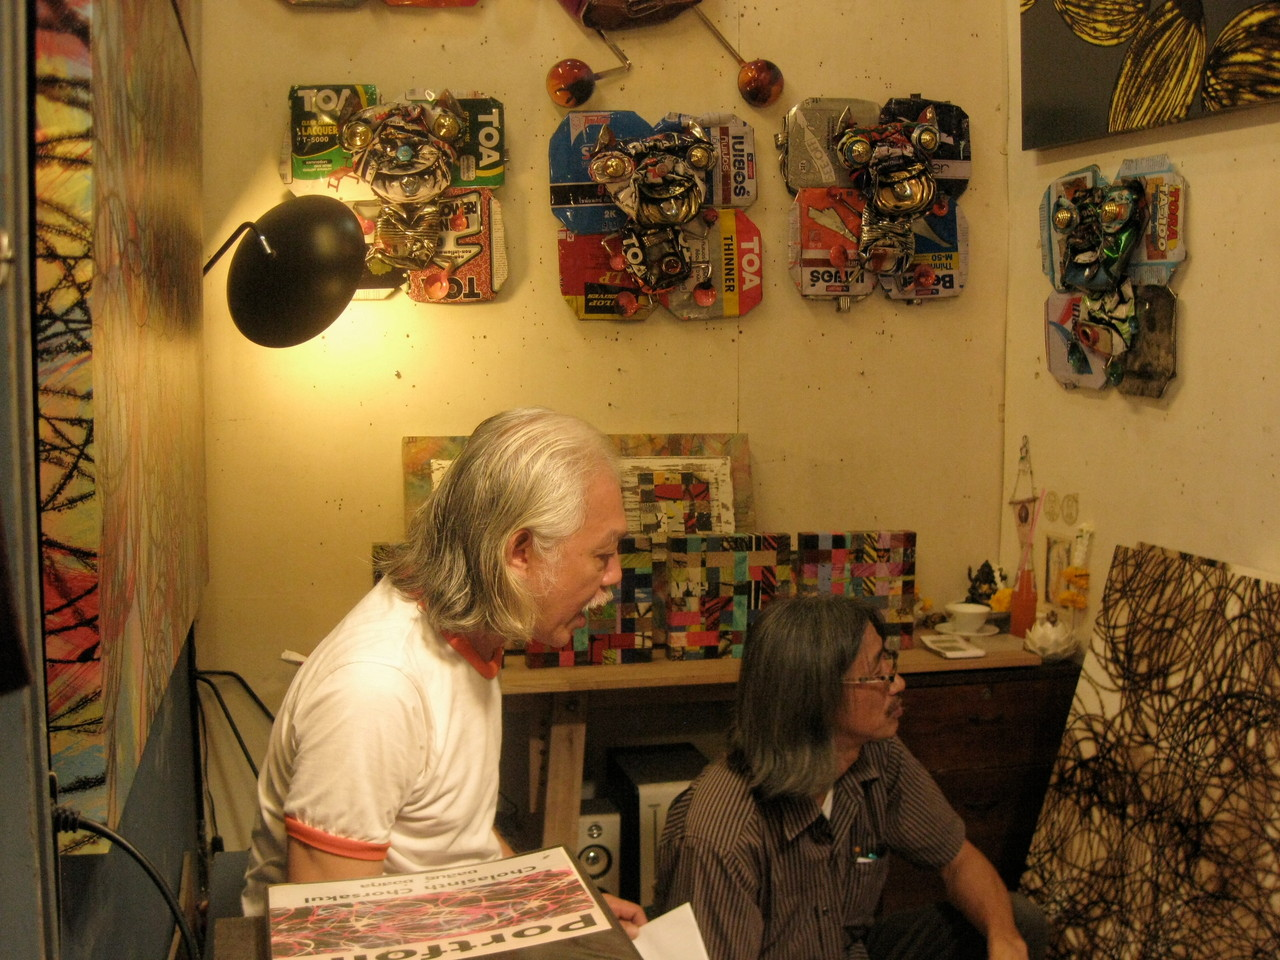 マーケットにはアーティストたちが作品を発表し販売するセクションもある。